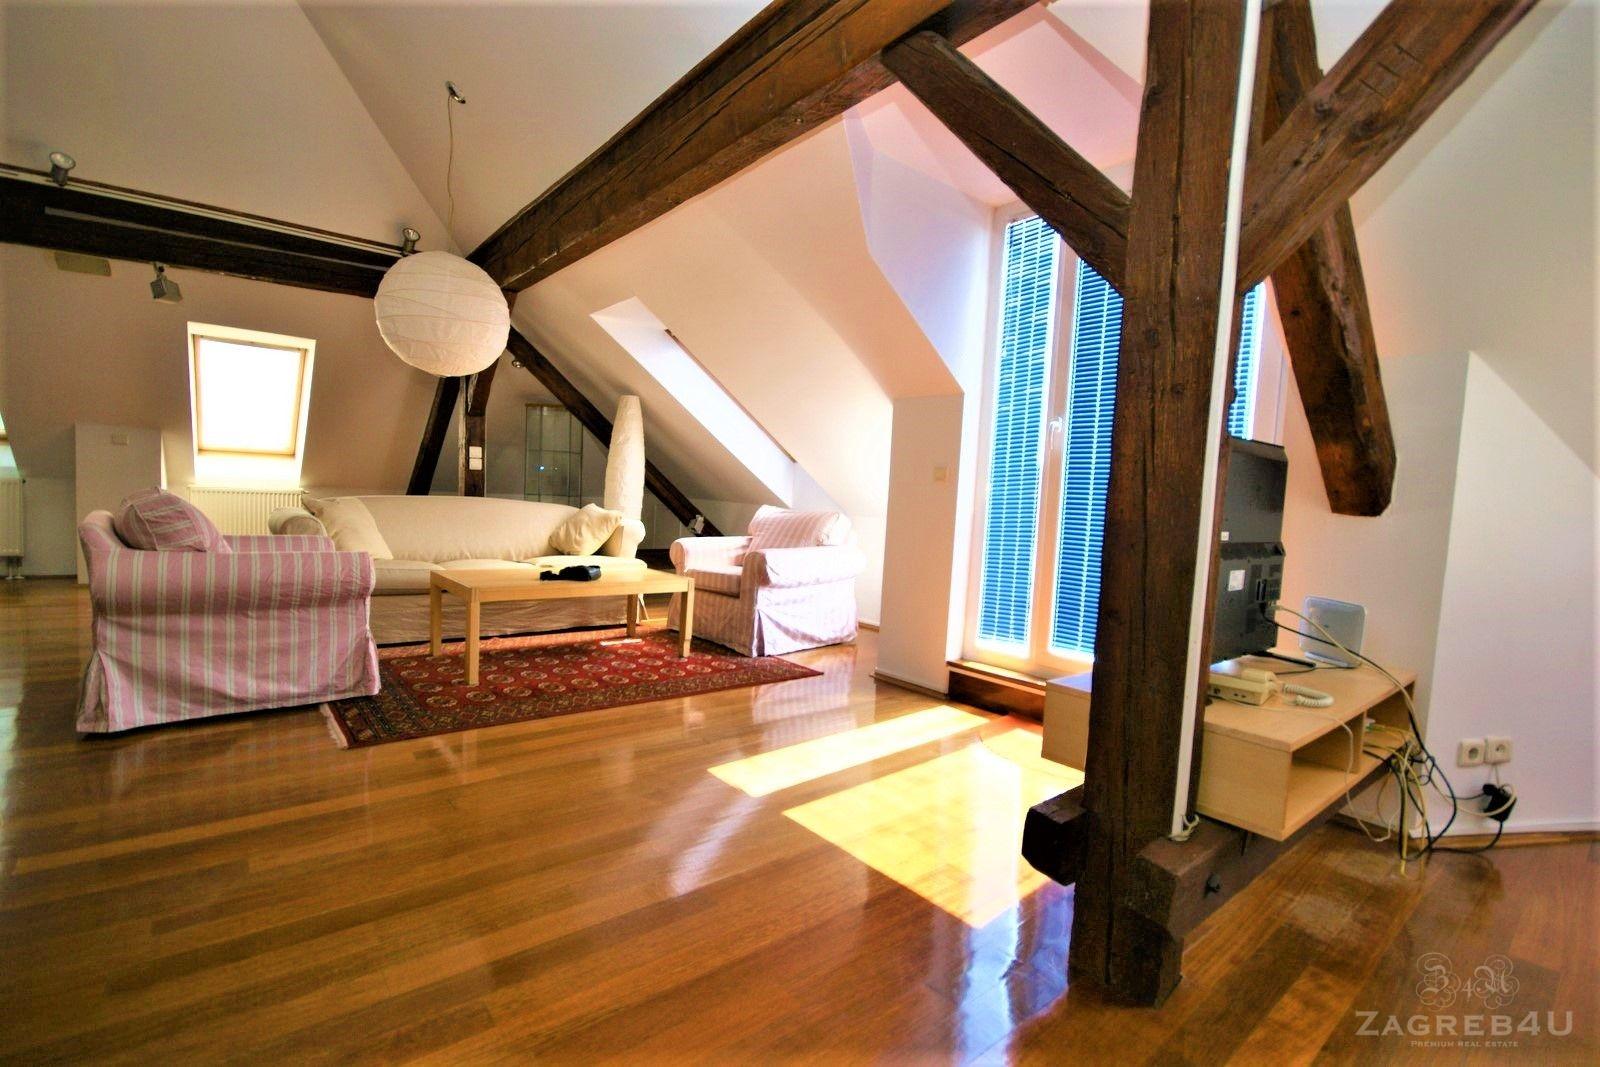 Zagreb - Ksaver - 3-sobni stan za najam (100 m2) - Mallinova